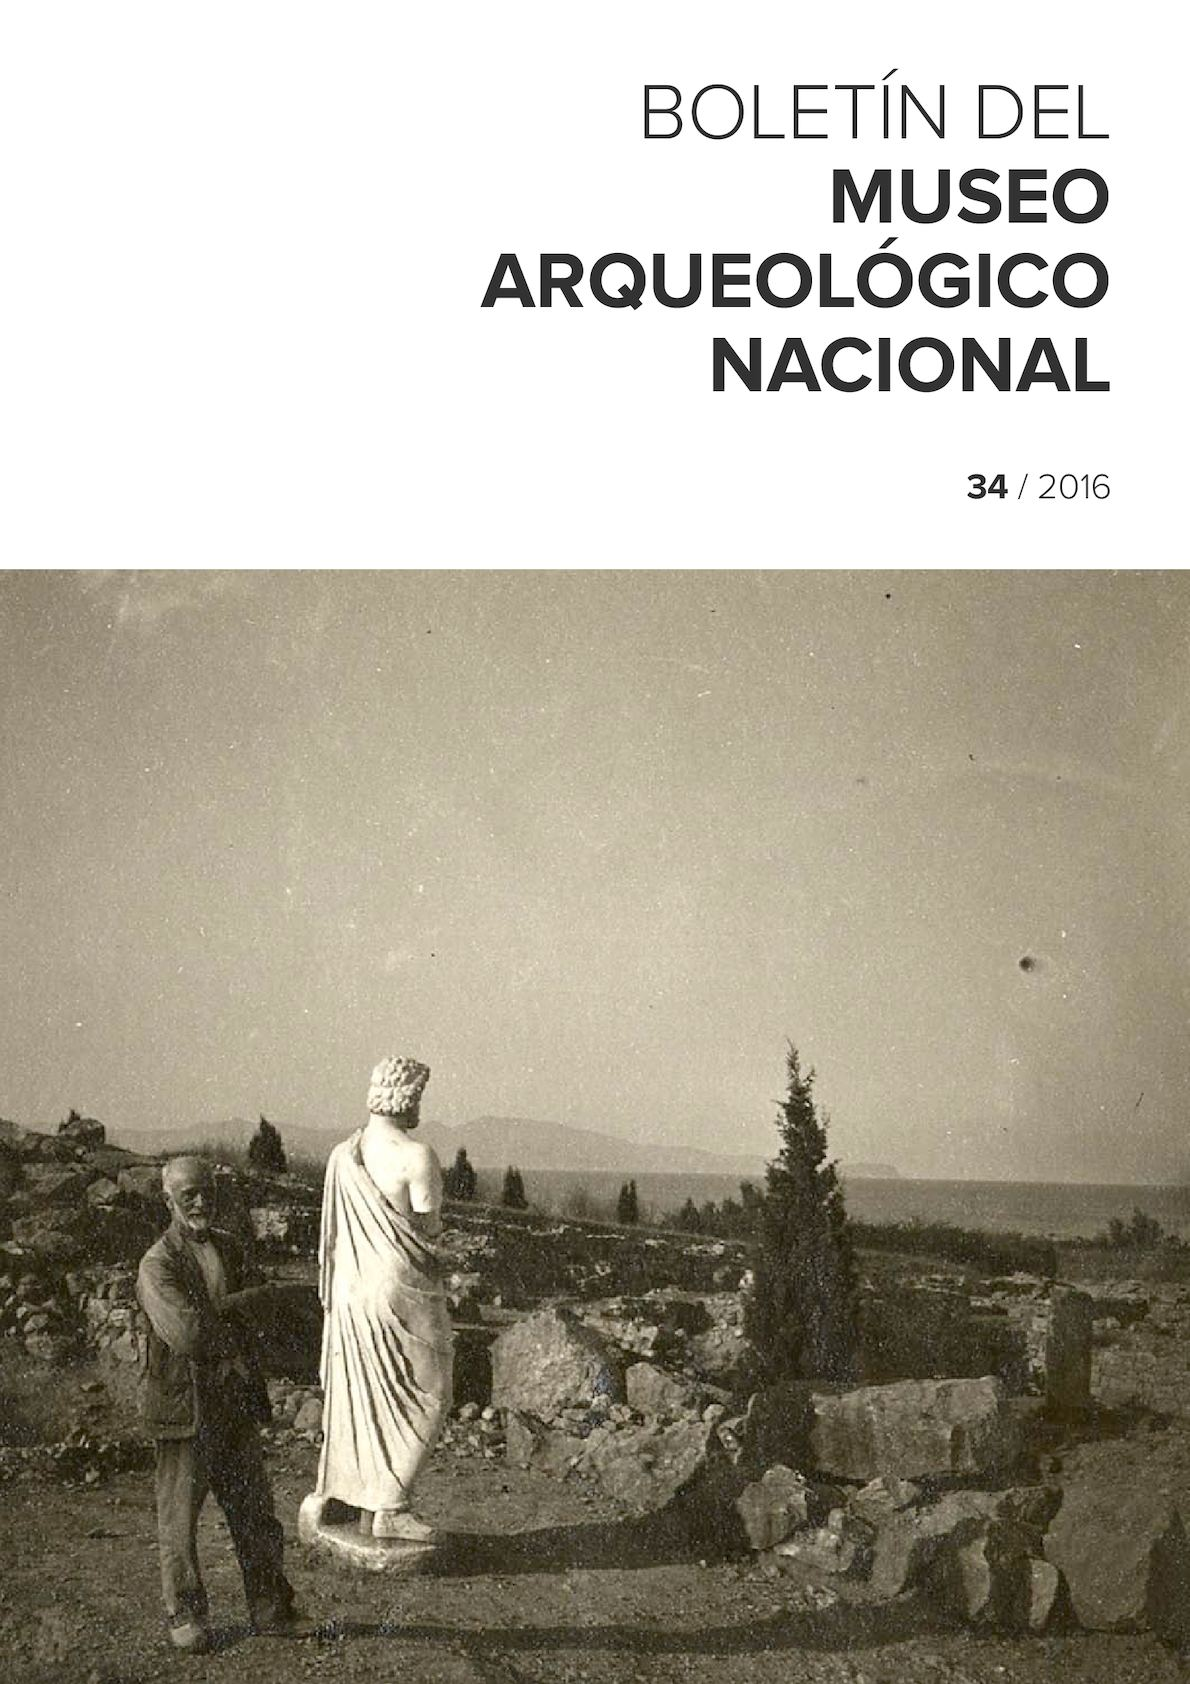 Calaméo - BOLETÍN DEL MUSEO ARQUEOLÓGICO NACIONAL nº 34 / 2016